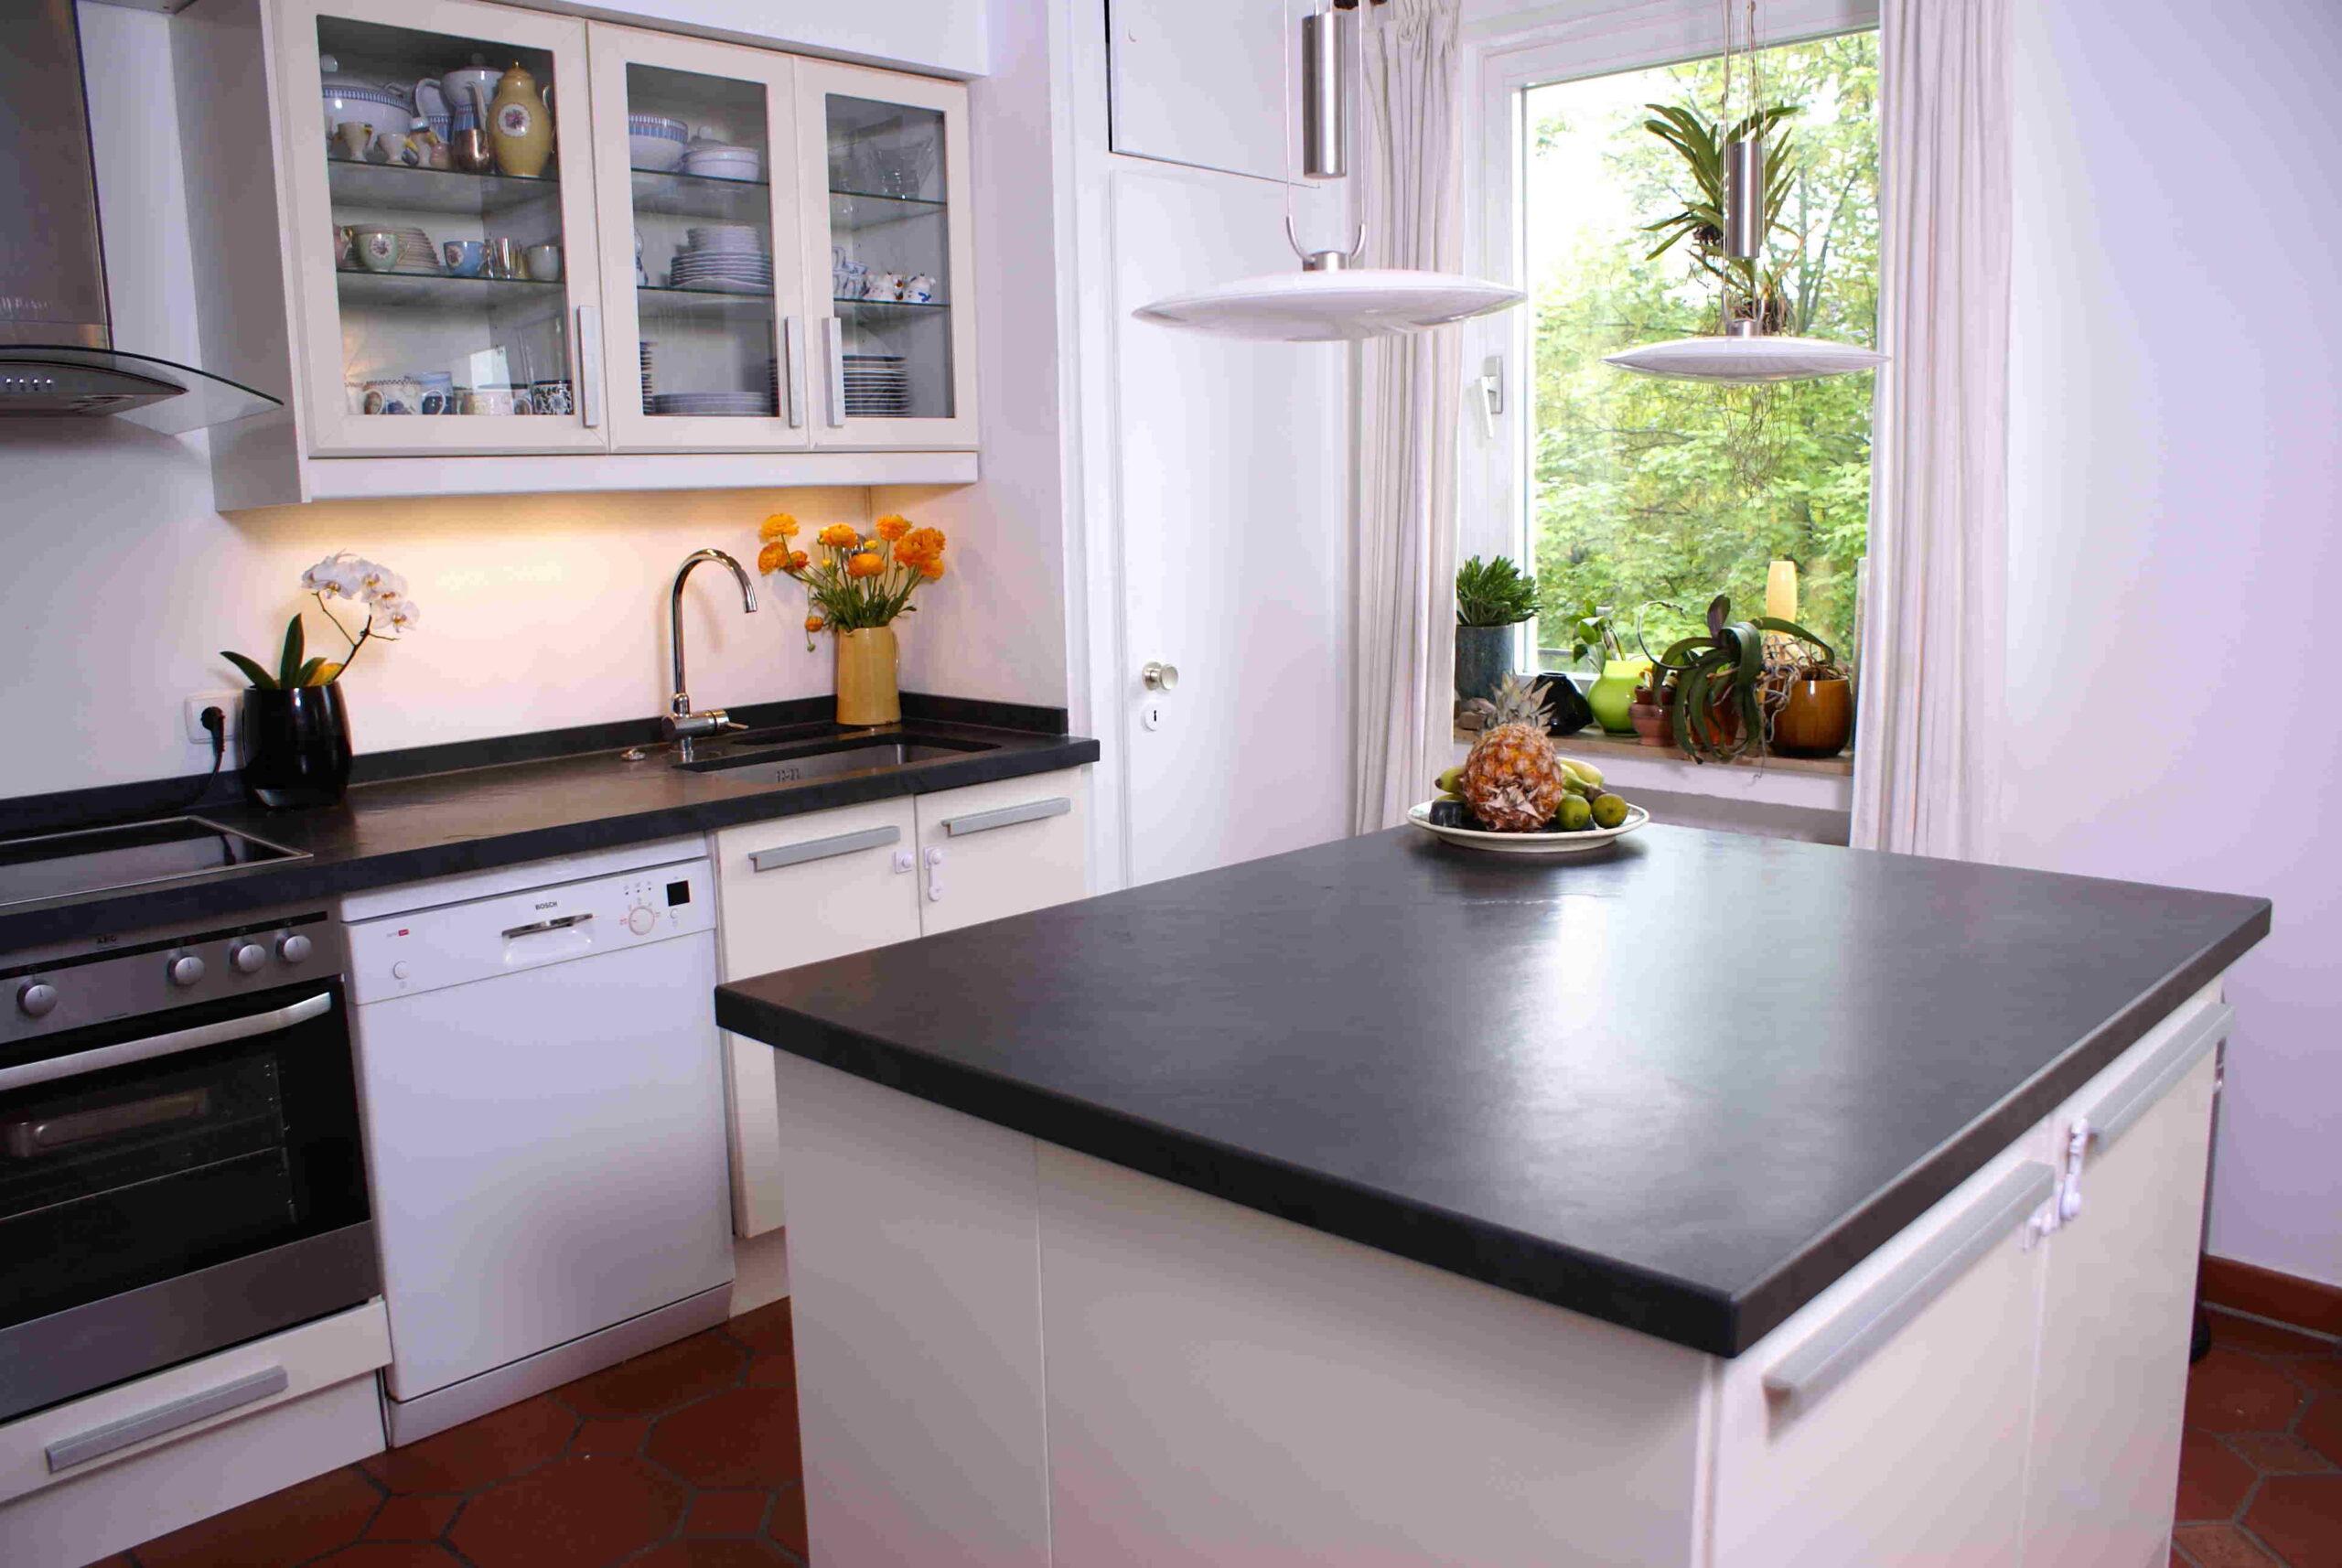 Full Size of Wer Fertigt Granit Arbeitsplatten Fr Ikea Unser Küche Arbeitsplatte Granitplatten Sideboard Mit Wohnzimmer Granit Arbeitsplatte